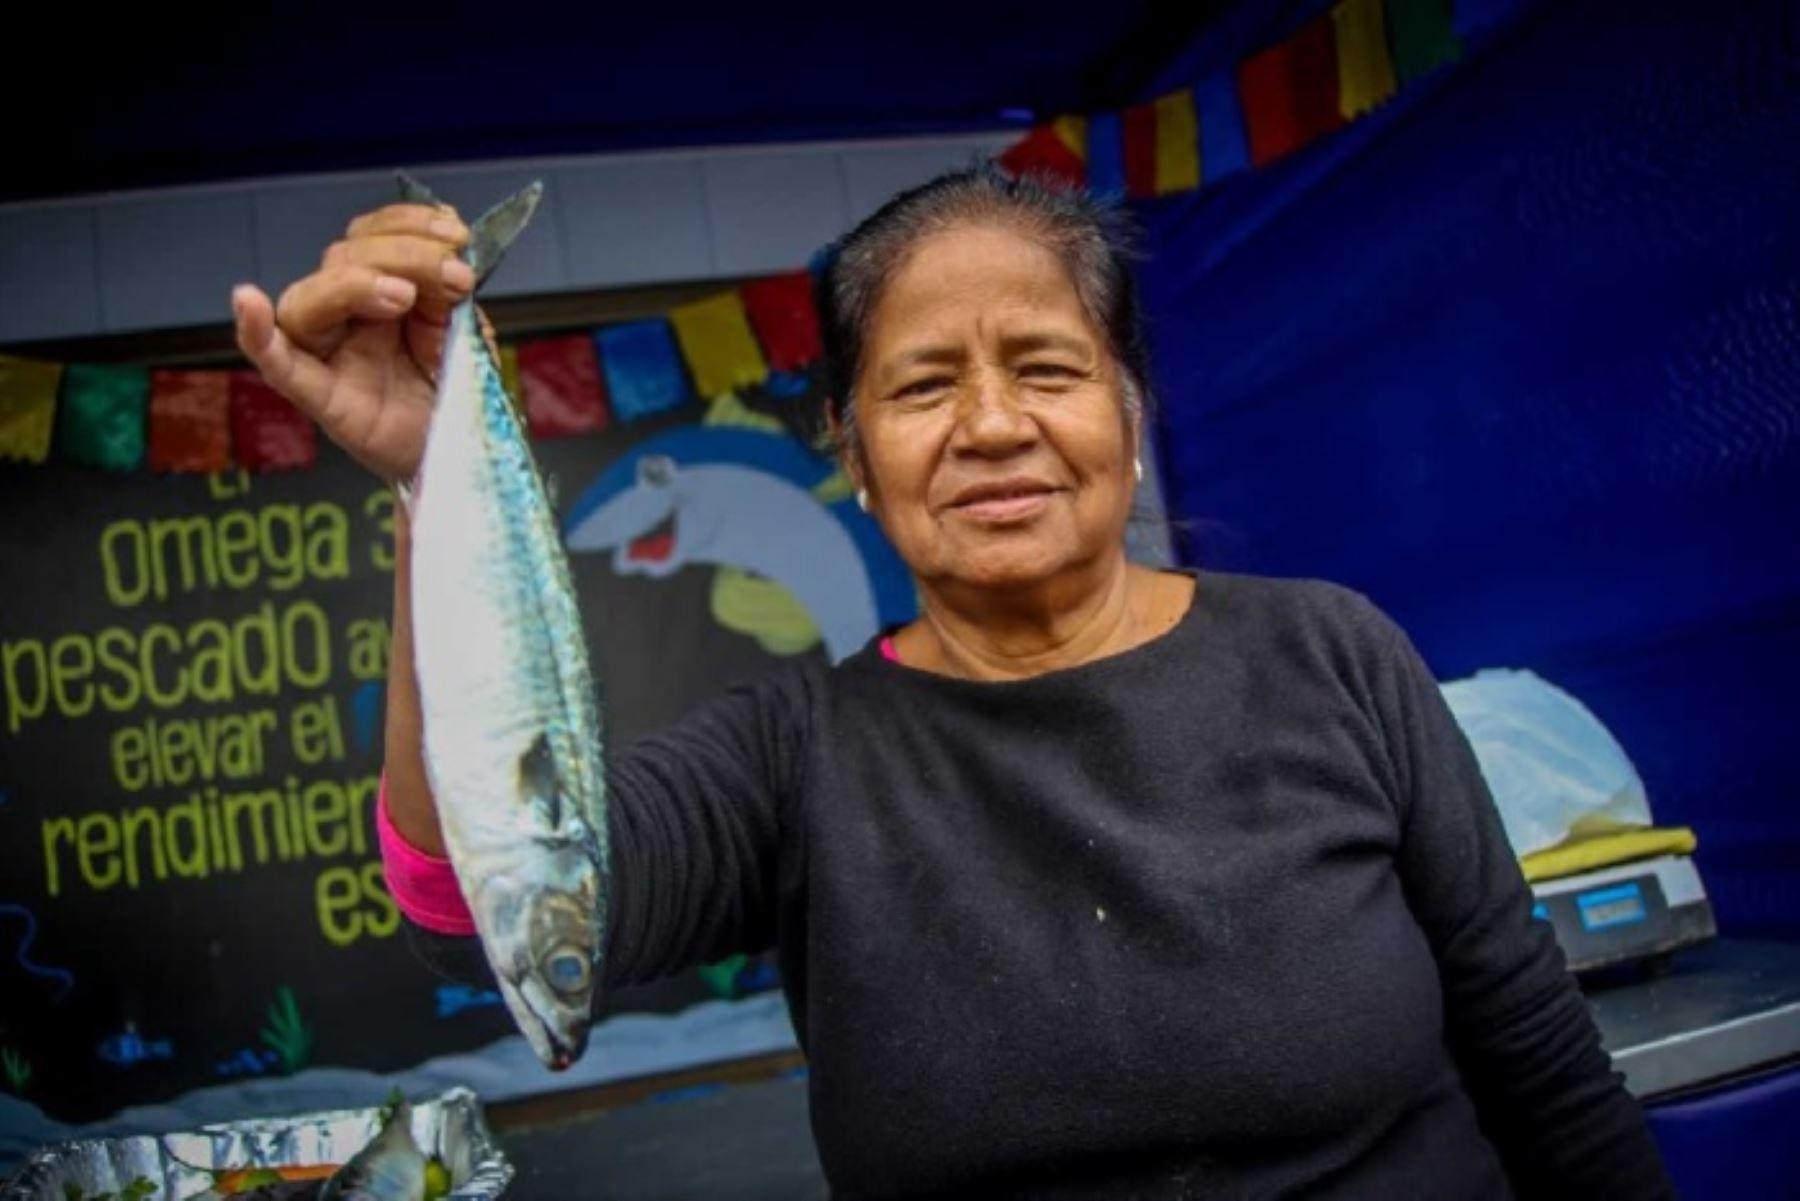 """El festival """"Mi Pescadería"""", organizado por el Ministerio de la Producción, ofrecerá mañana viernes 1,000 kilos de pescado altamente nutritivo y a precios de promoción, a las familias del centro poblado Las Américas, en el distrito y provincia de Abancay, provincia de Abancay, en la región de Apurímac."""